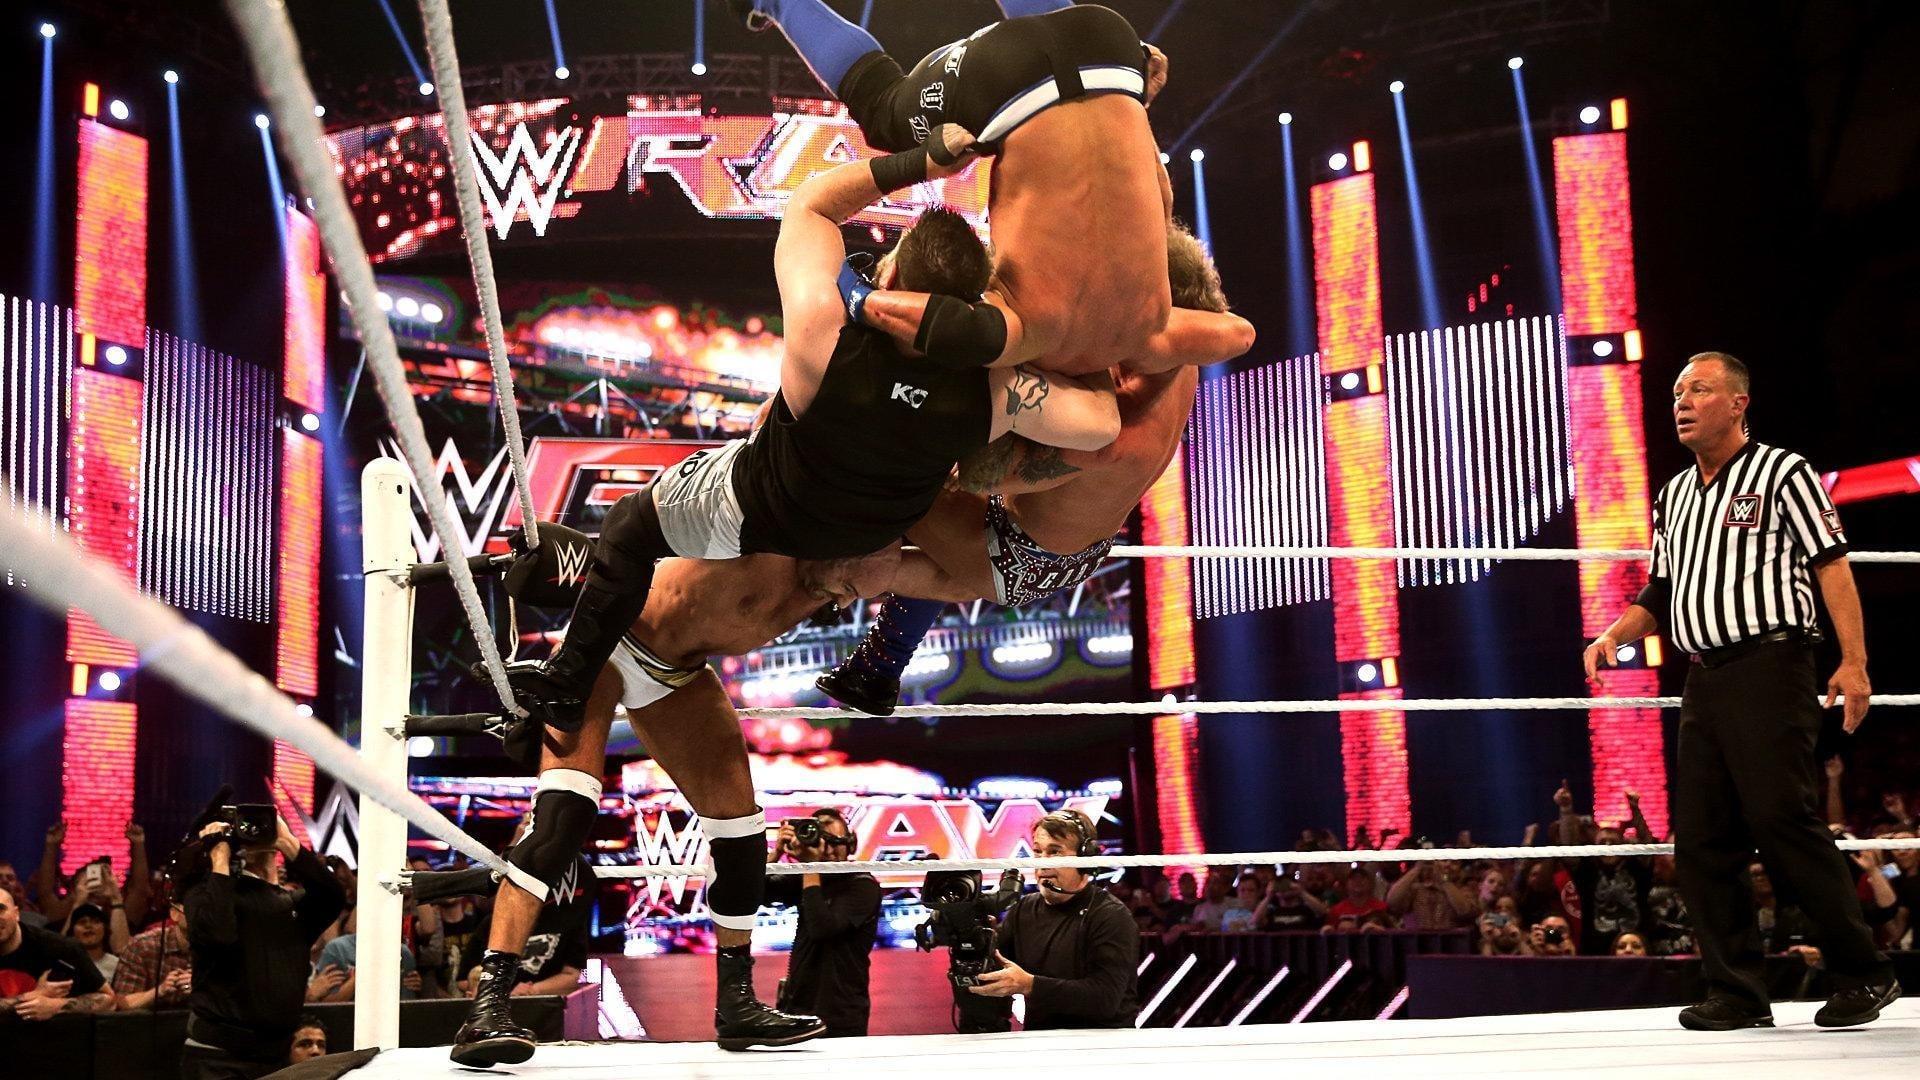 WWE Raw Season 24 :Episode 14  April 4, 2016 (Dallas, TX)